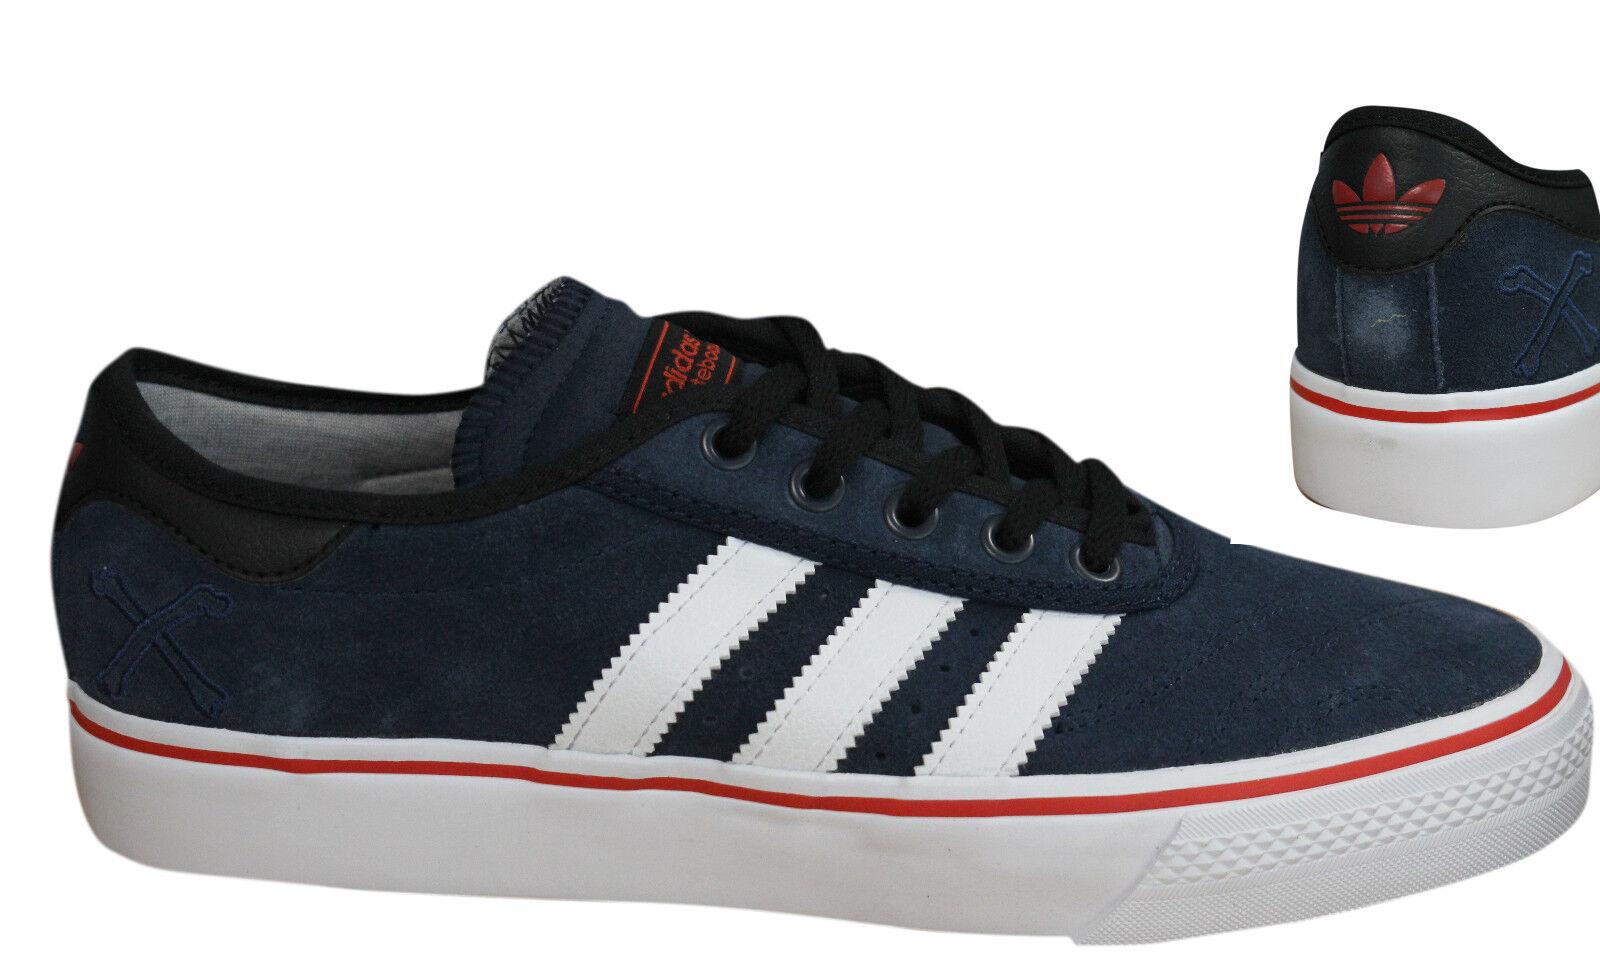 Adidas Originals AdiEase Premiere Zapatillas Cordones para hombre Zapatos De Cordones Zapatillas Azul BY3954 D40 f123e8